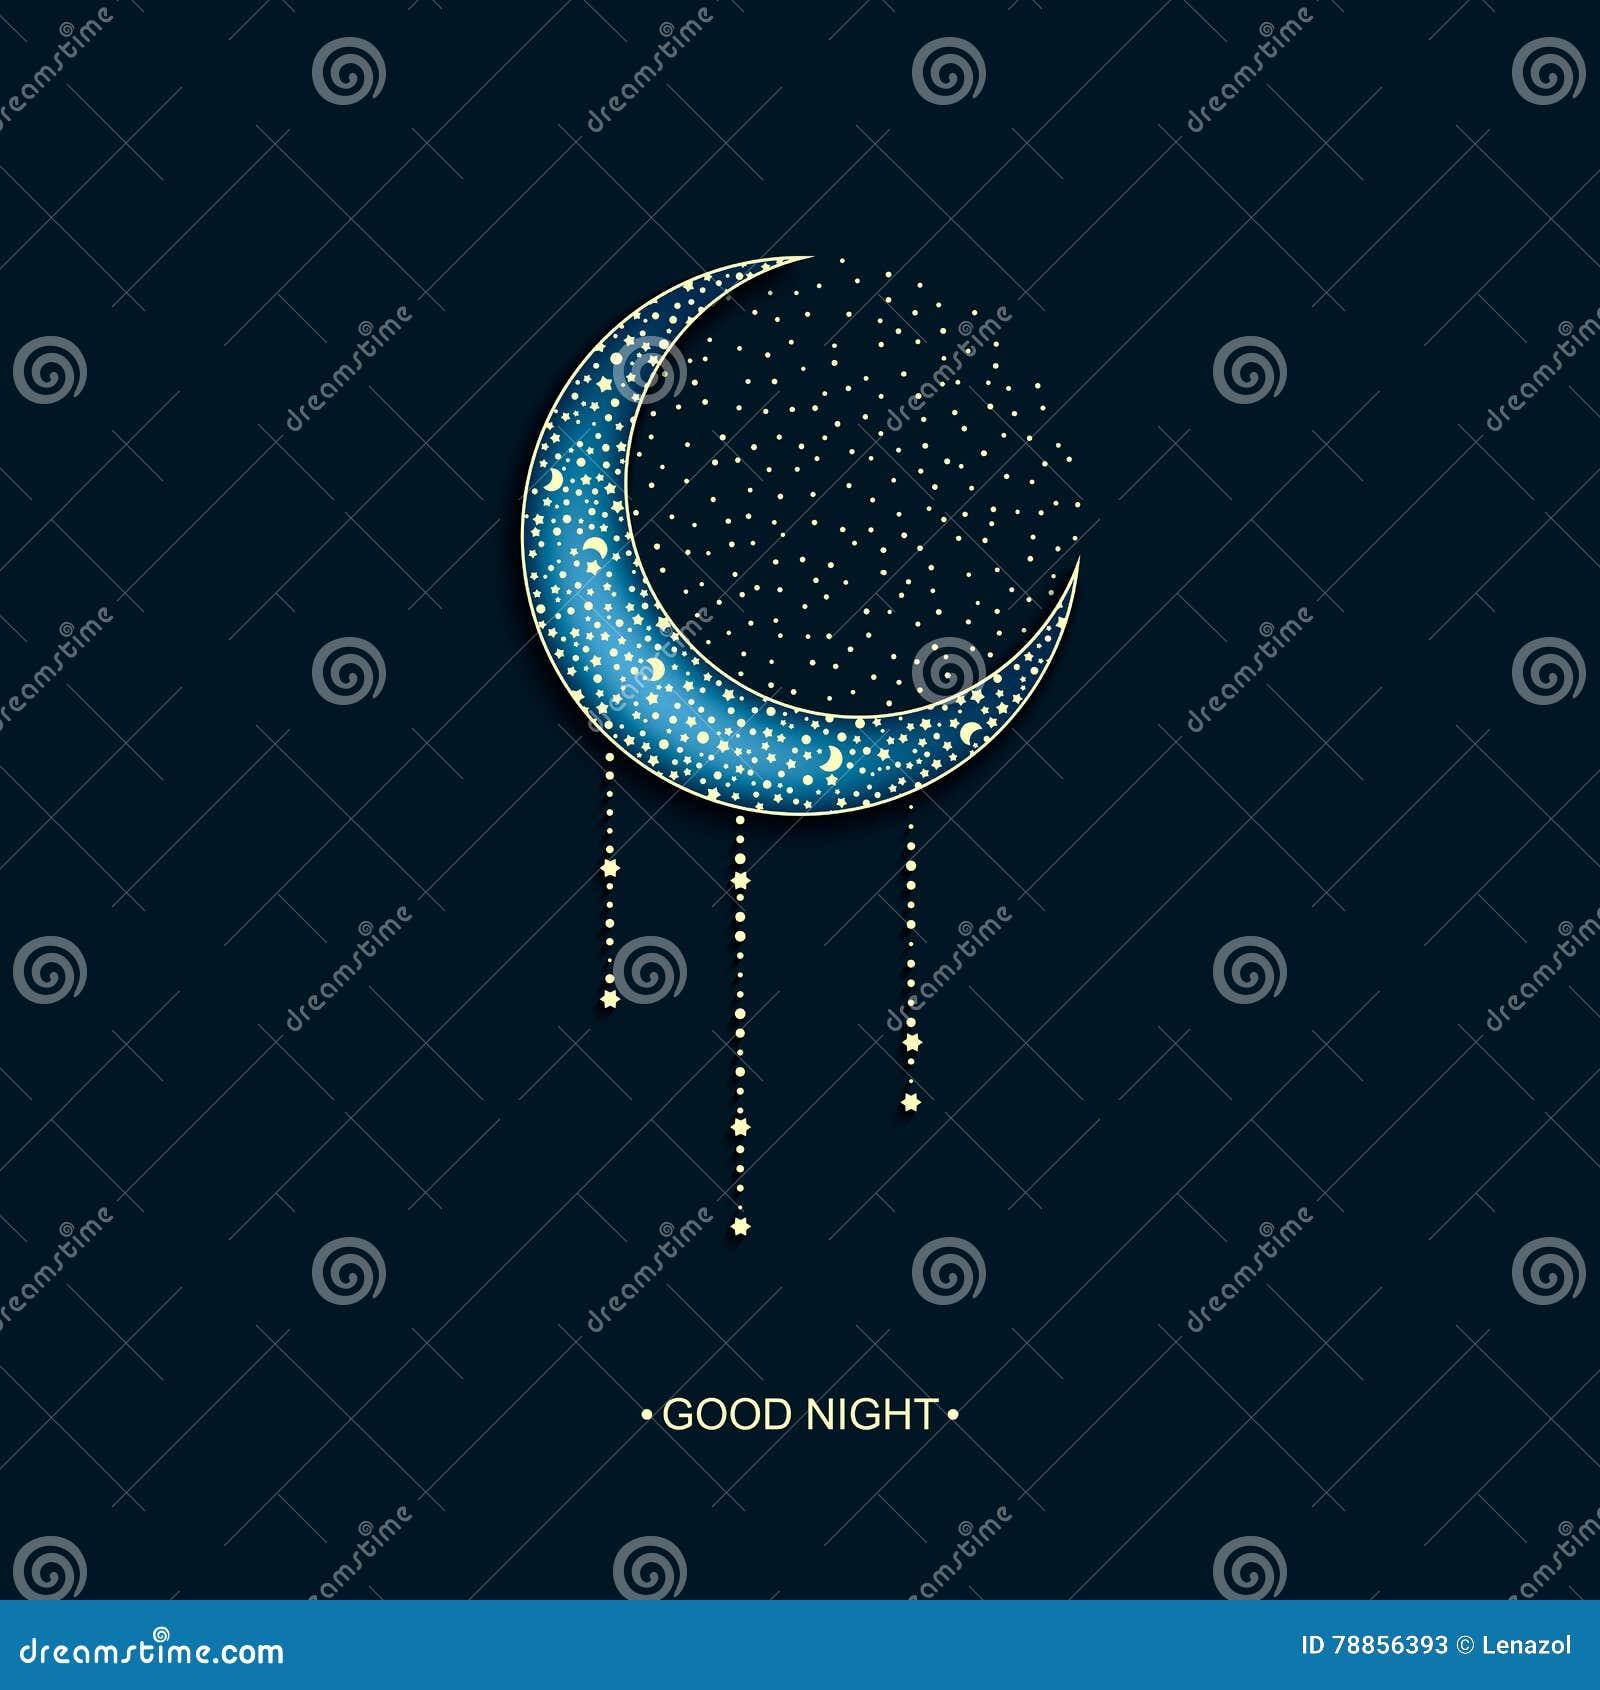 Vector Il Fondo Blu Al Neon Con La Luna E Le Stelle Decorate Arabe